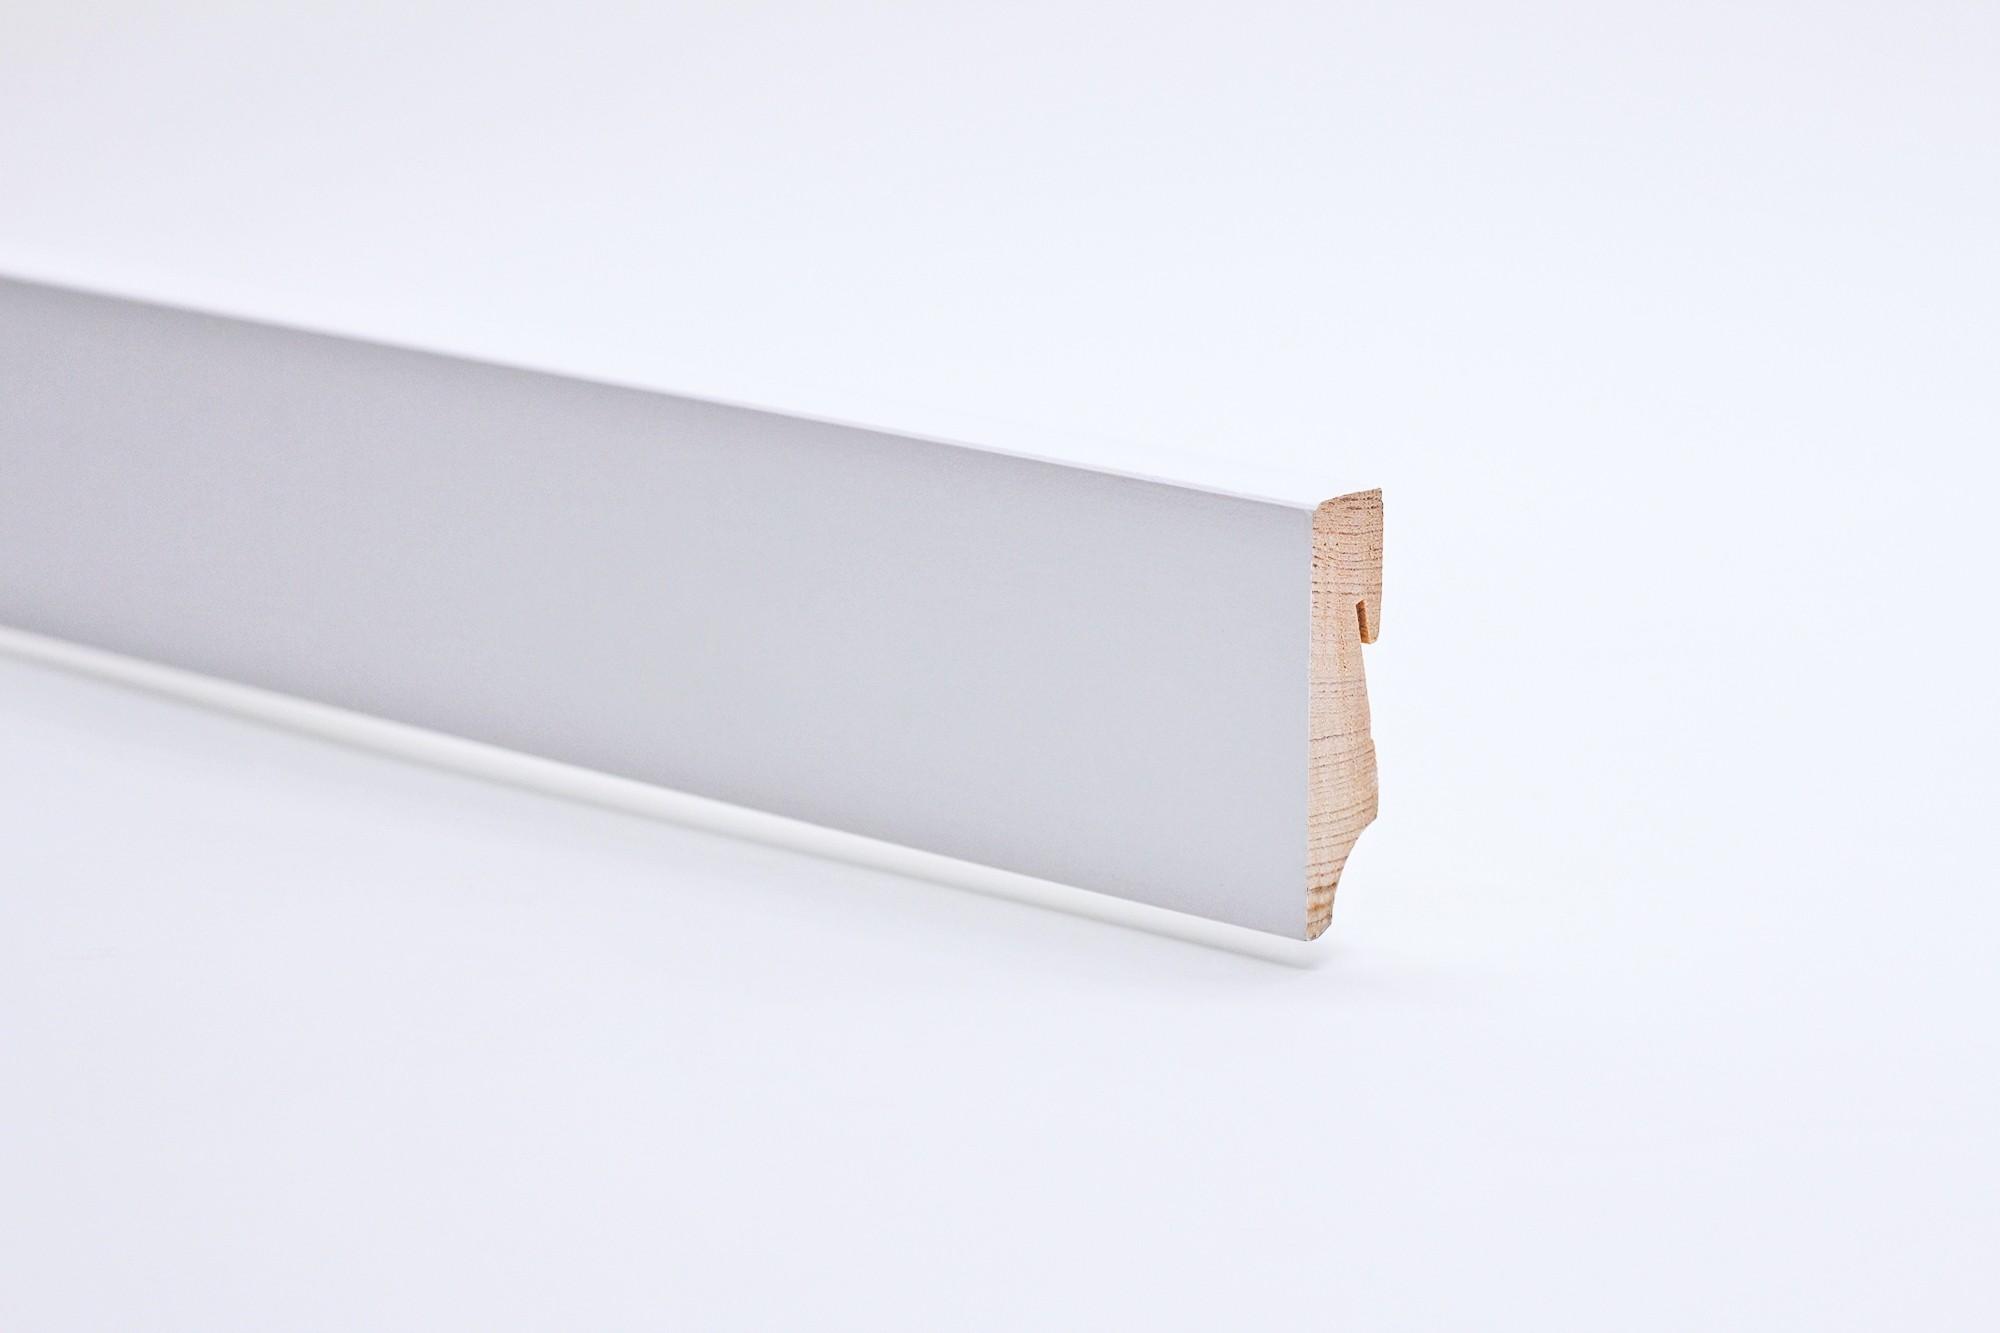 Sockelleiste (2400 x 18 x 60) eckig gefast weiß lackiert Massivholz - Interio